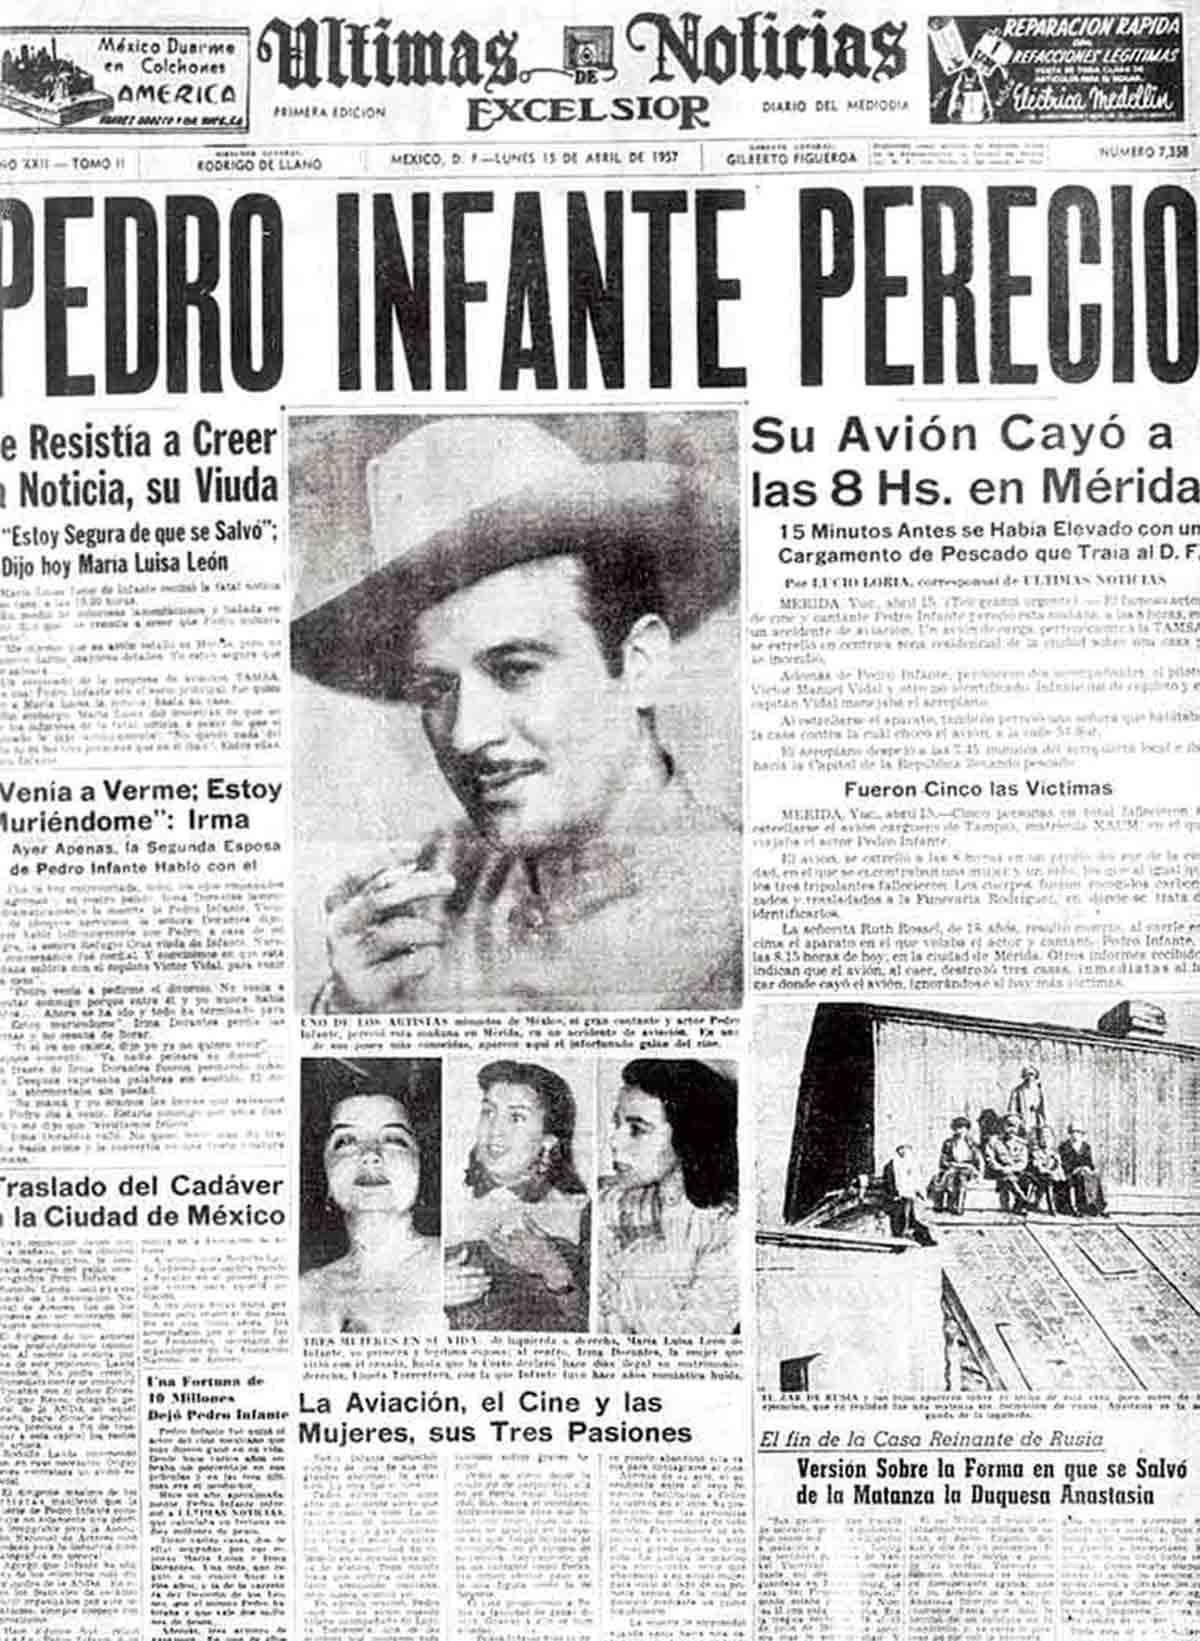 Cobertura de la muerte de Pedro Infante en Excélsior / Archivo